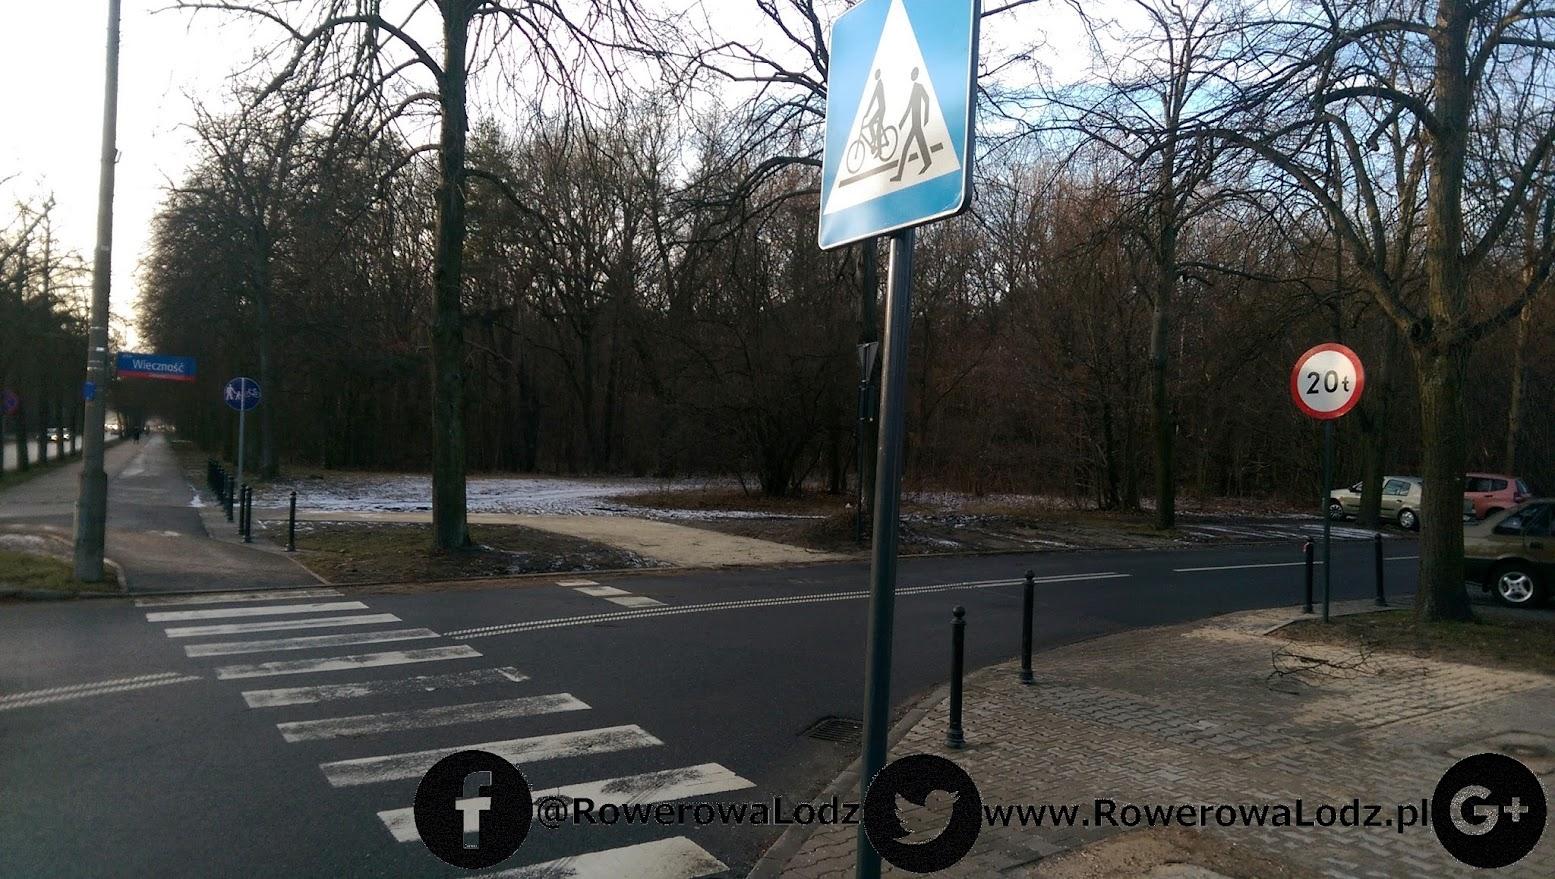 Skrzyżowanie z ul. Wieczność. Znaki pionowe sugerują coś czego znaki poziome nie potwierdzają - przejazd dla rowerów.